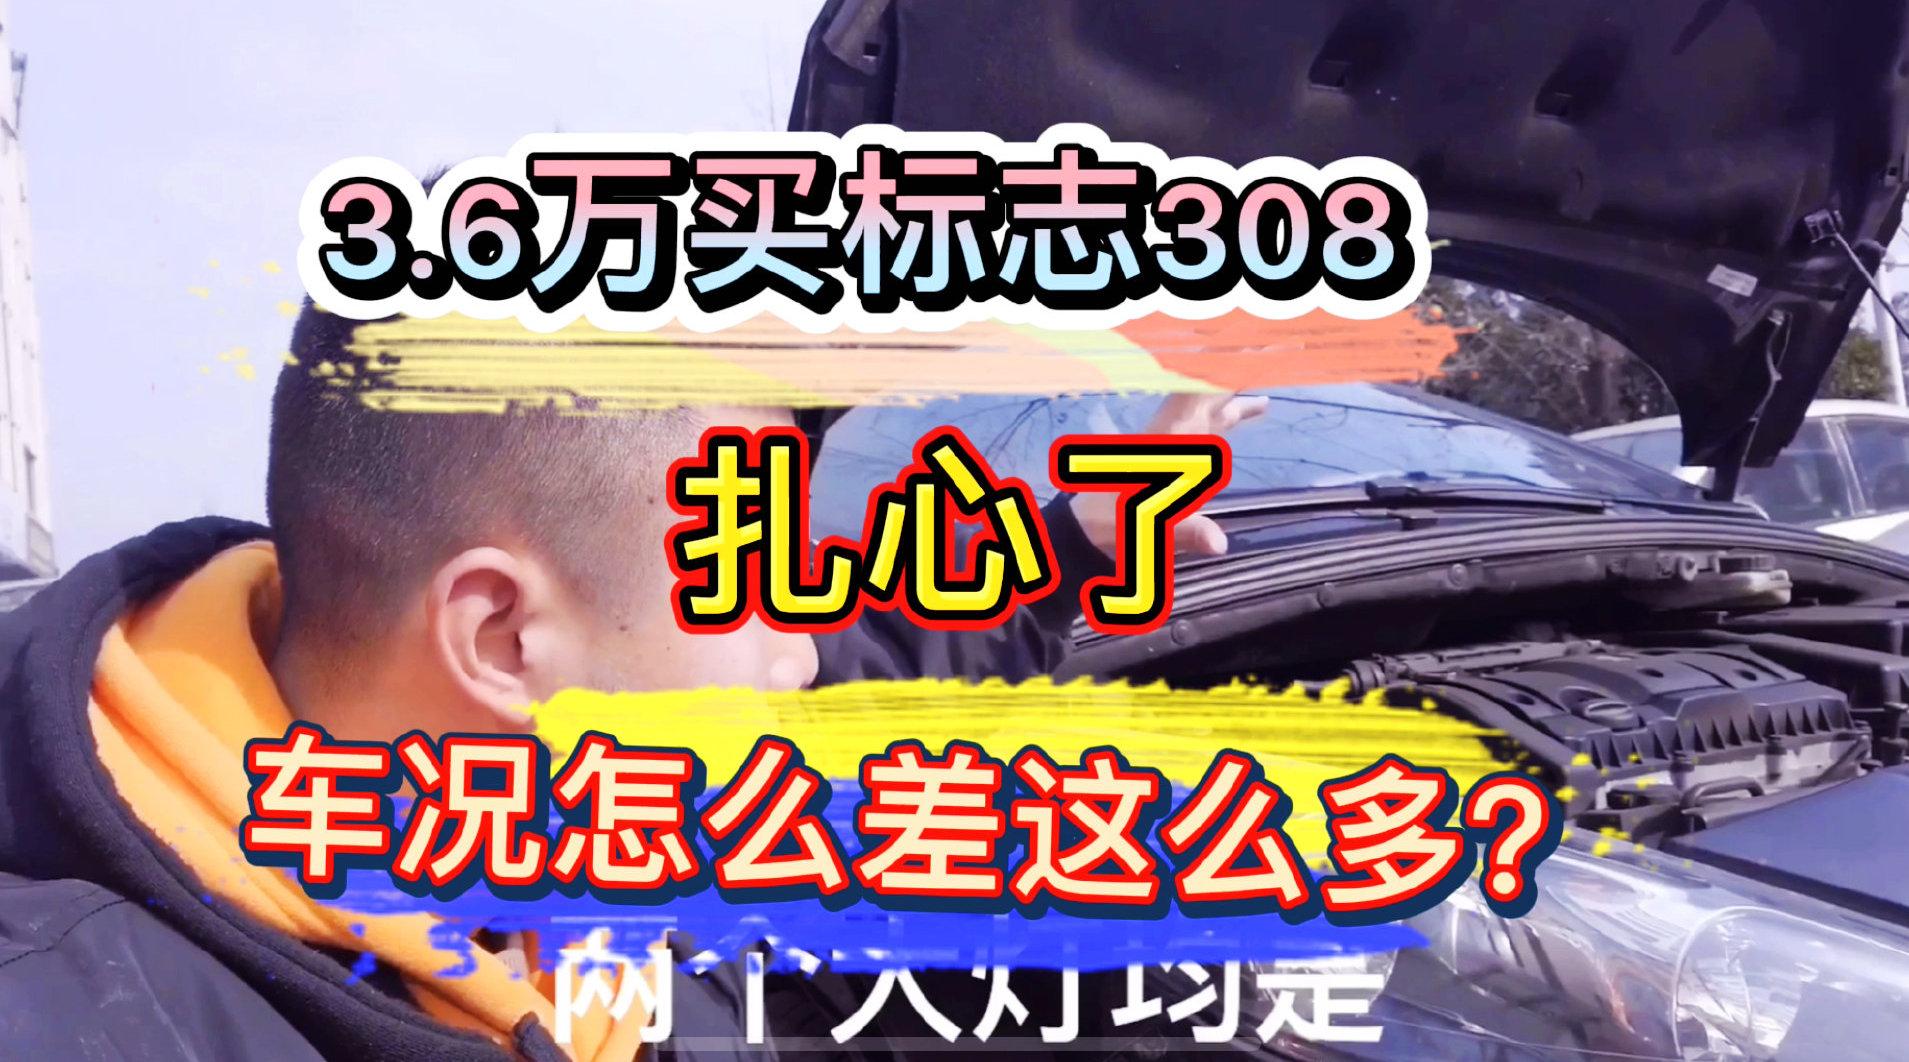 视频:今天又一位粉丝开了一台标志308过来让我们帮他检测车况